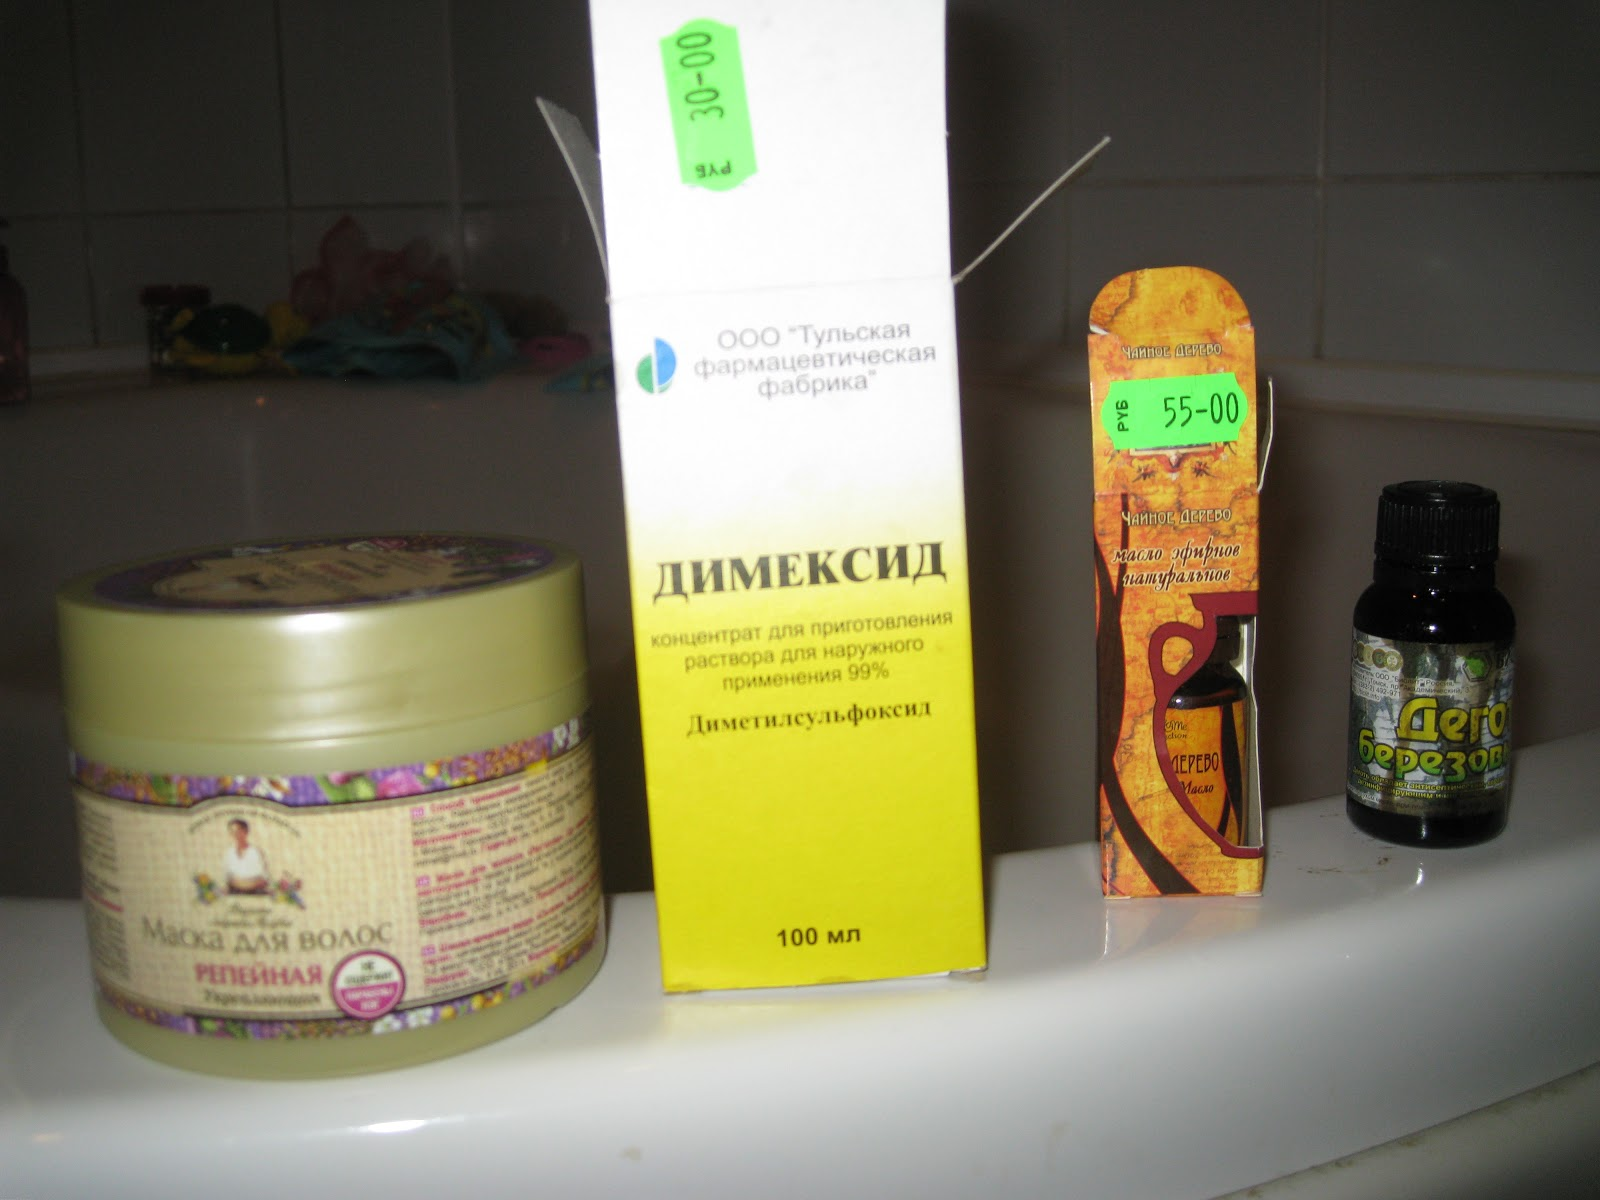 kak-lechit-psoriaz-v-spb